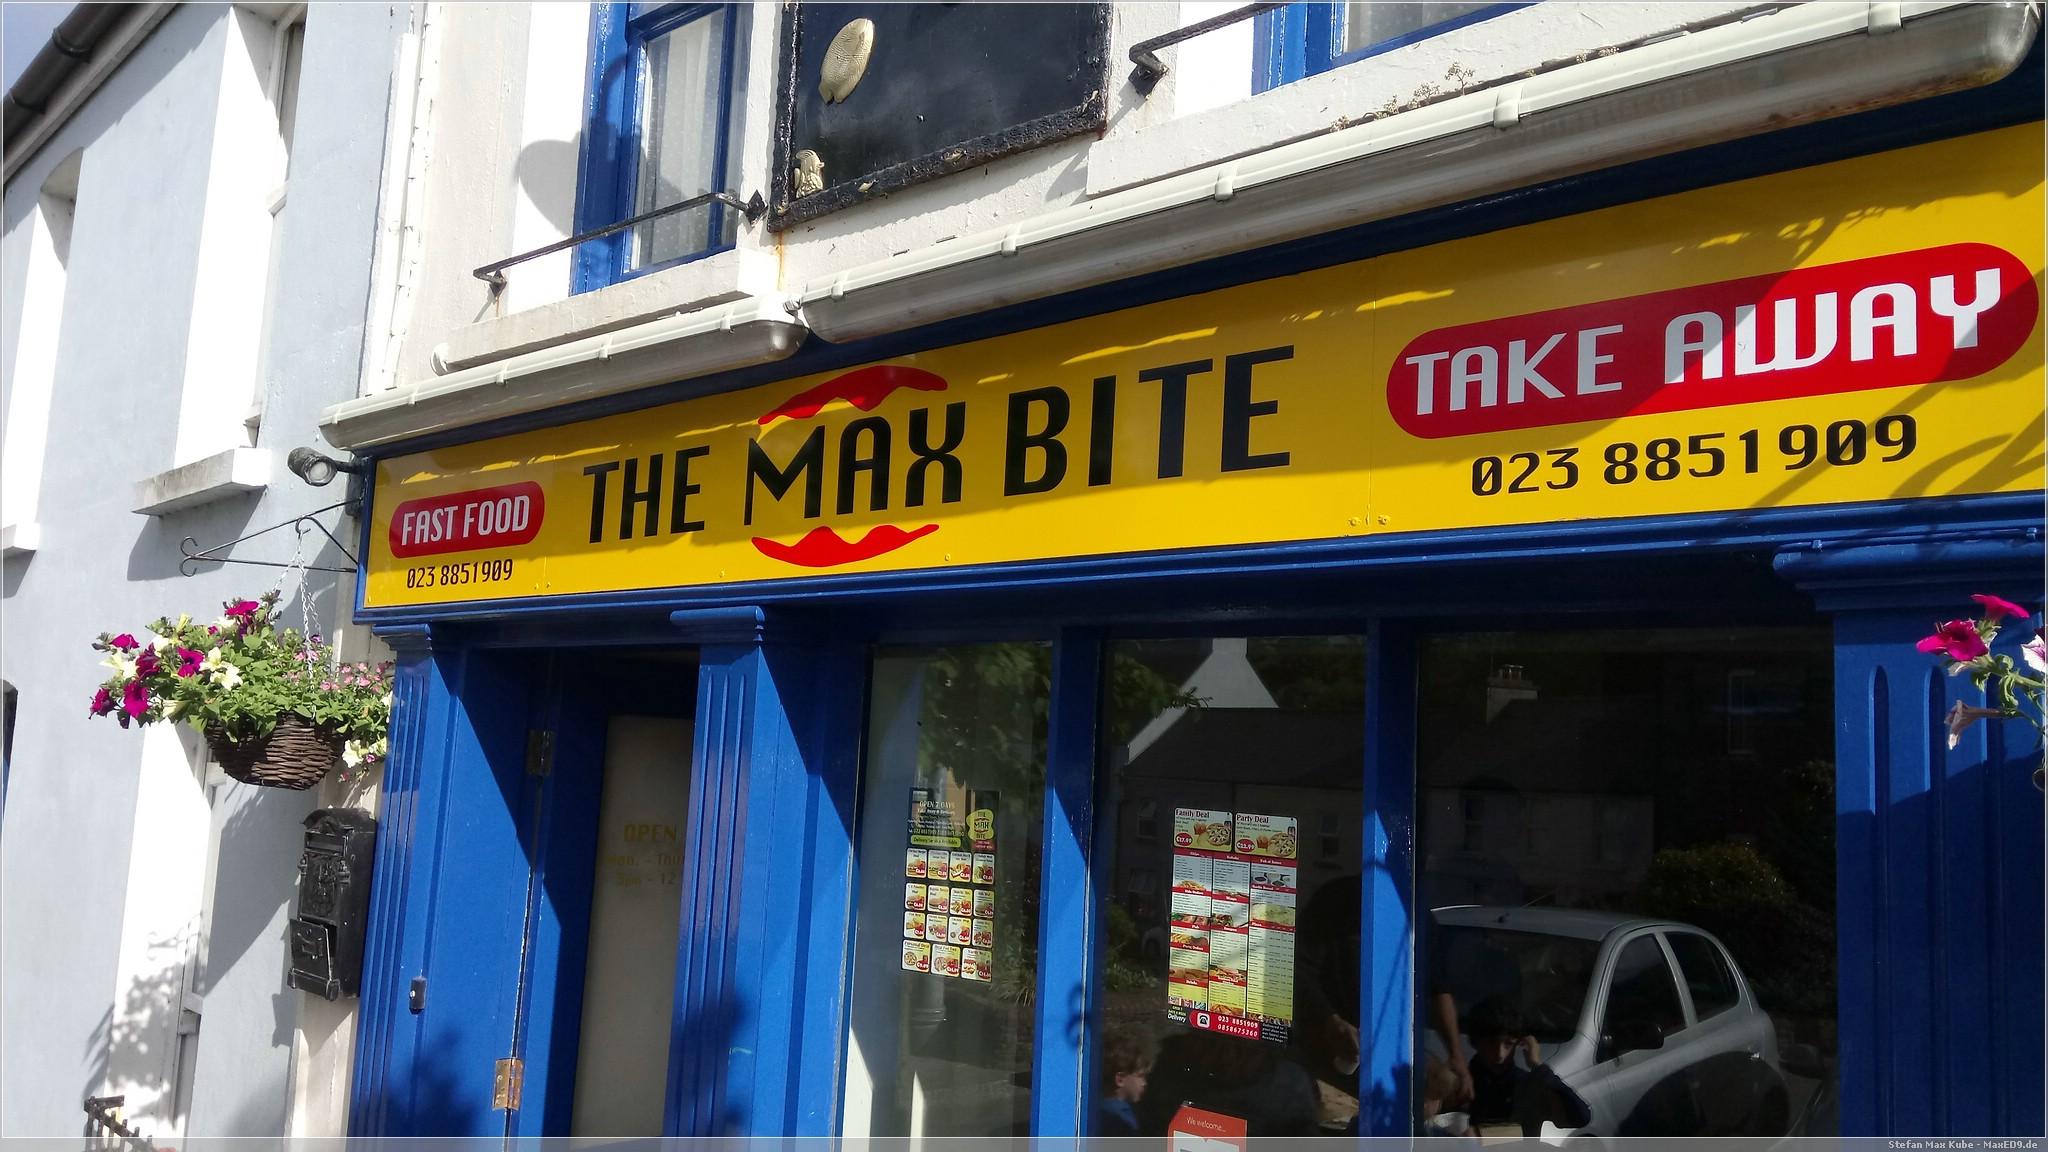 The Max Bite